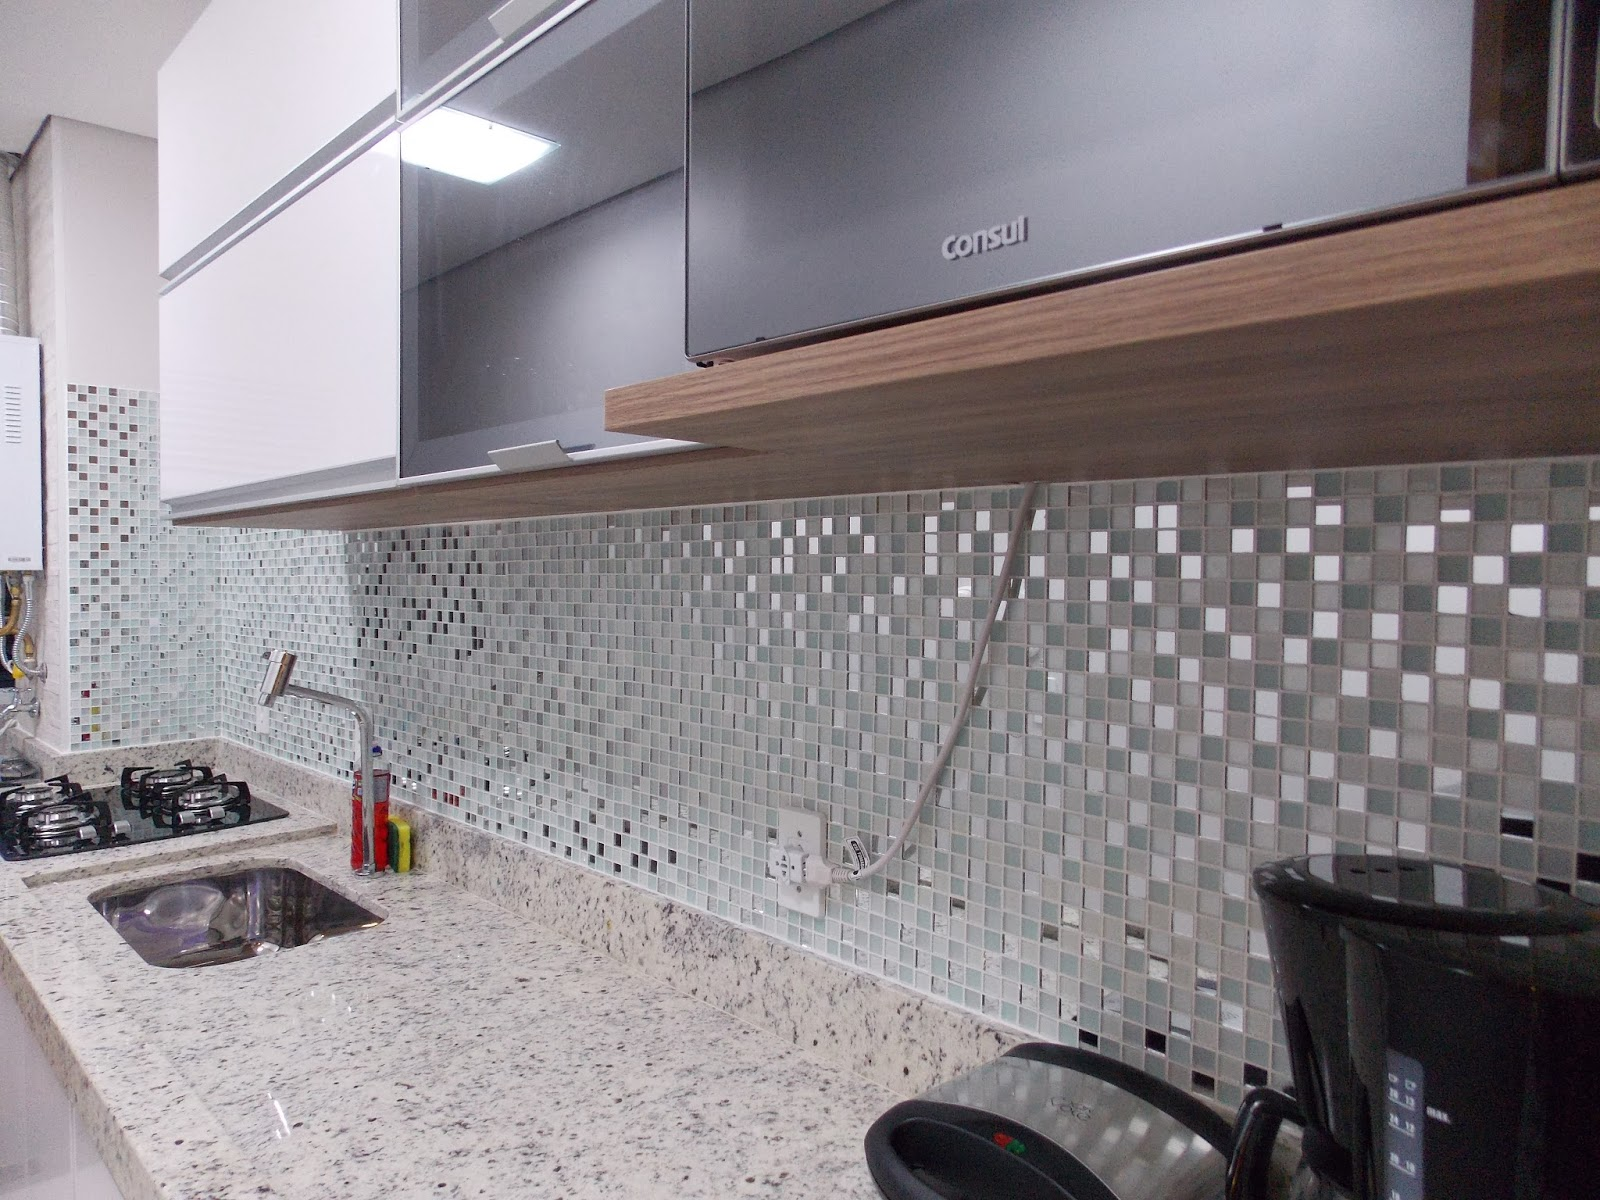 Loucos do 14!!: Enfim as pastilhas na cozinha #735D50 1600x1200 Bancada Banheiro Leroy